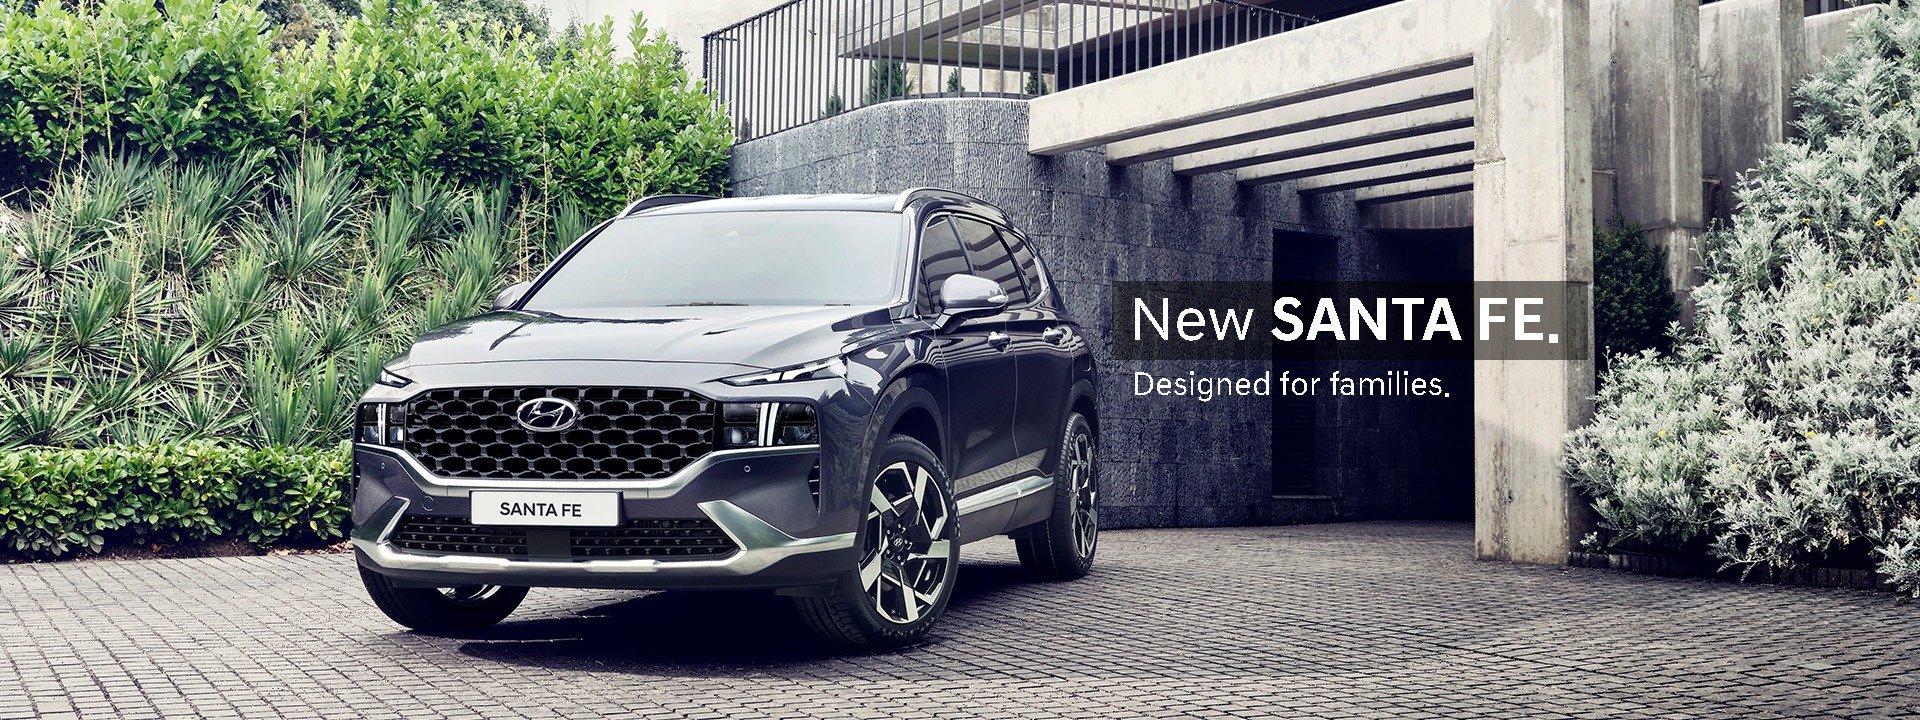 Hyundai-new-santa-fe